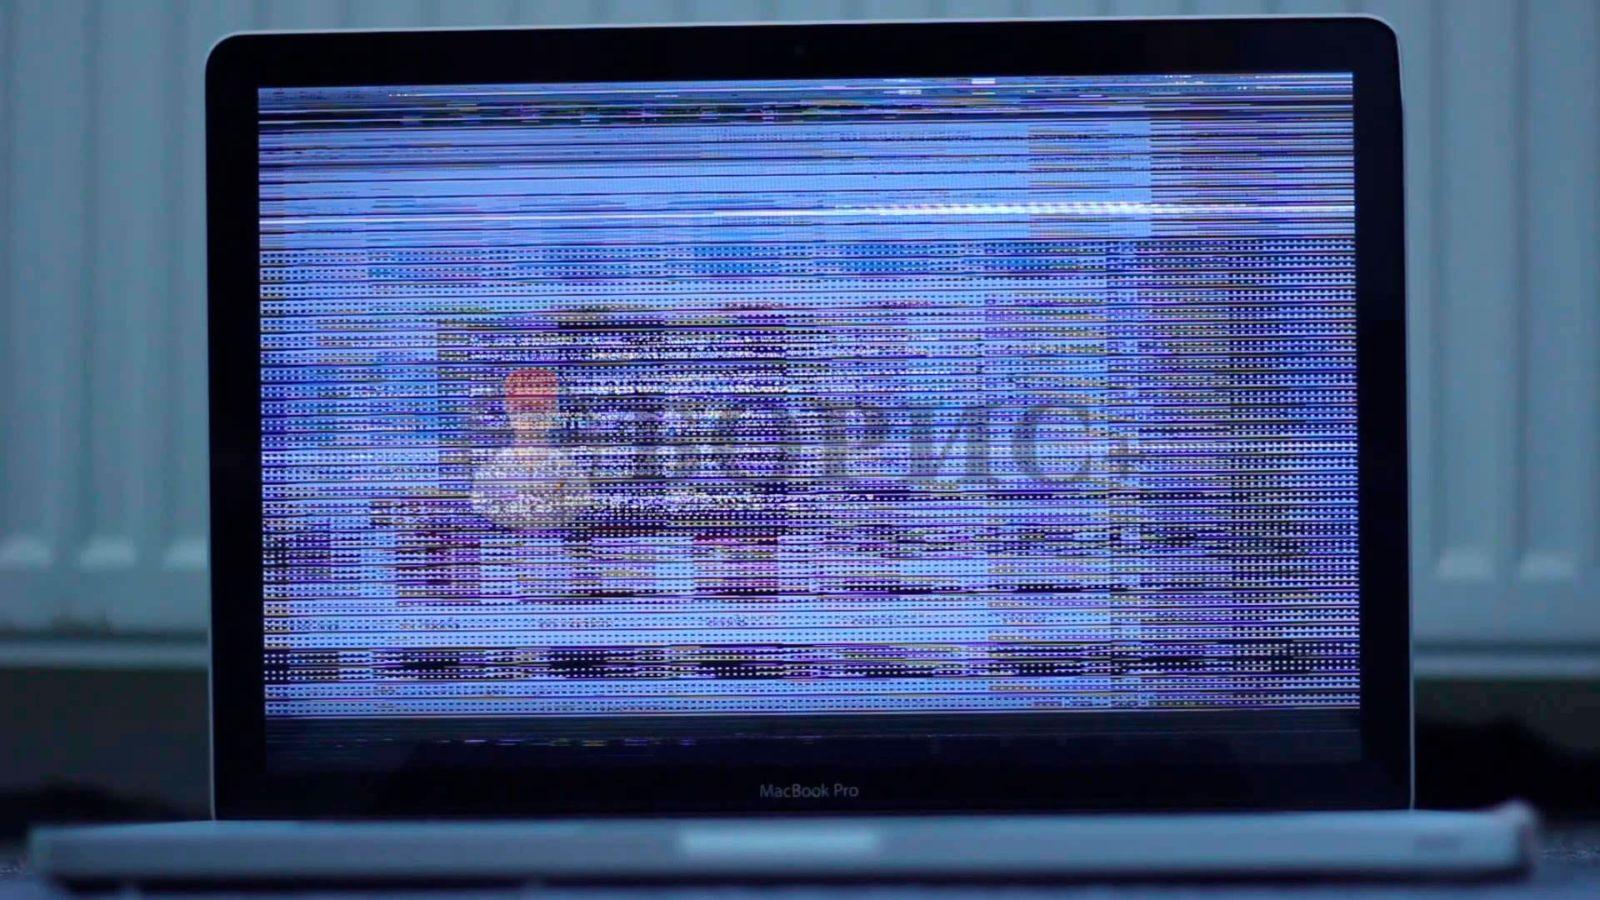 Разноцветные горизонтальные или вертикальные полоски на дисплее ноутбука